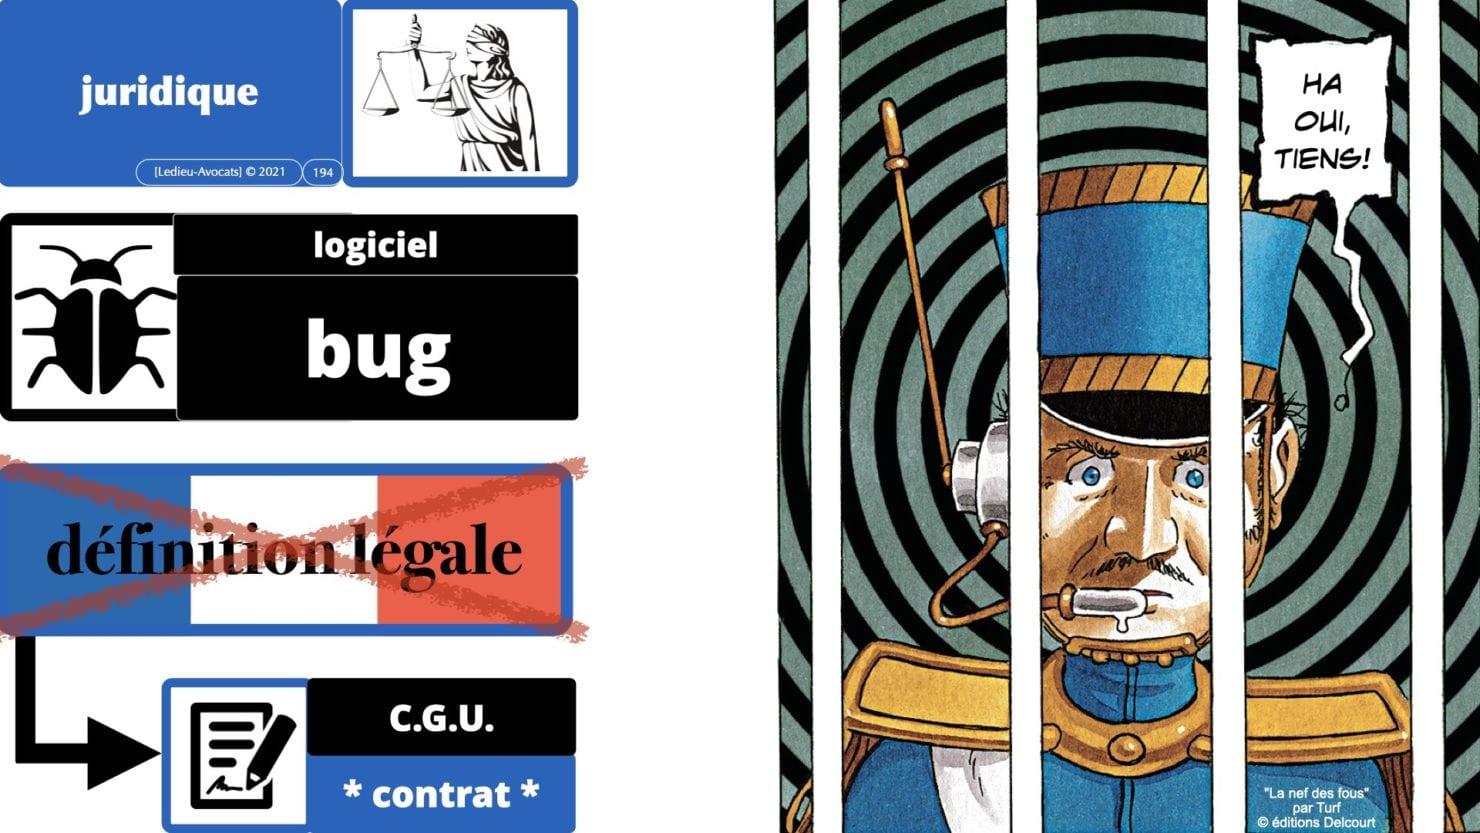 333 CYBER ATTAQUE responsabilité pénale civile contrat © Ledieu-Avocats 23-05-2021.194